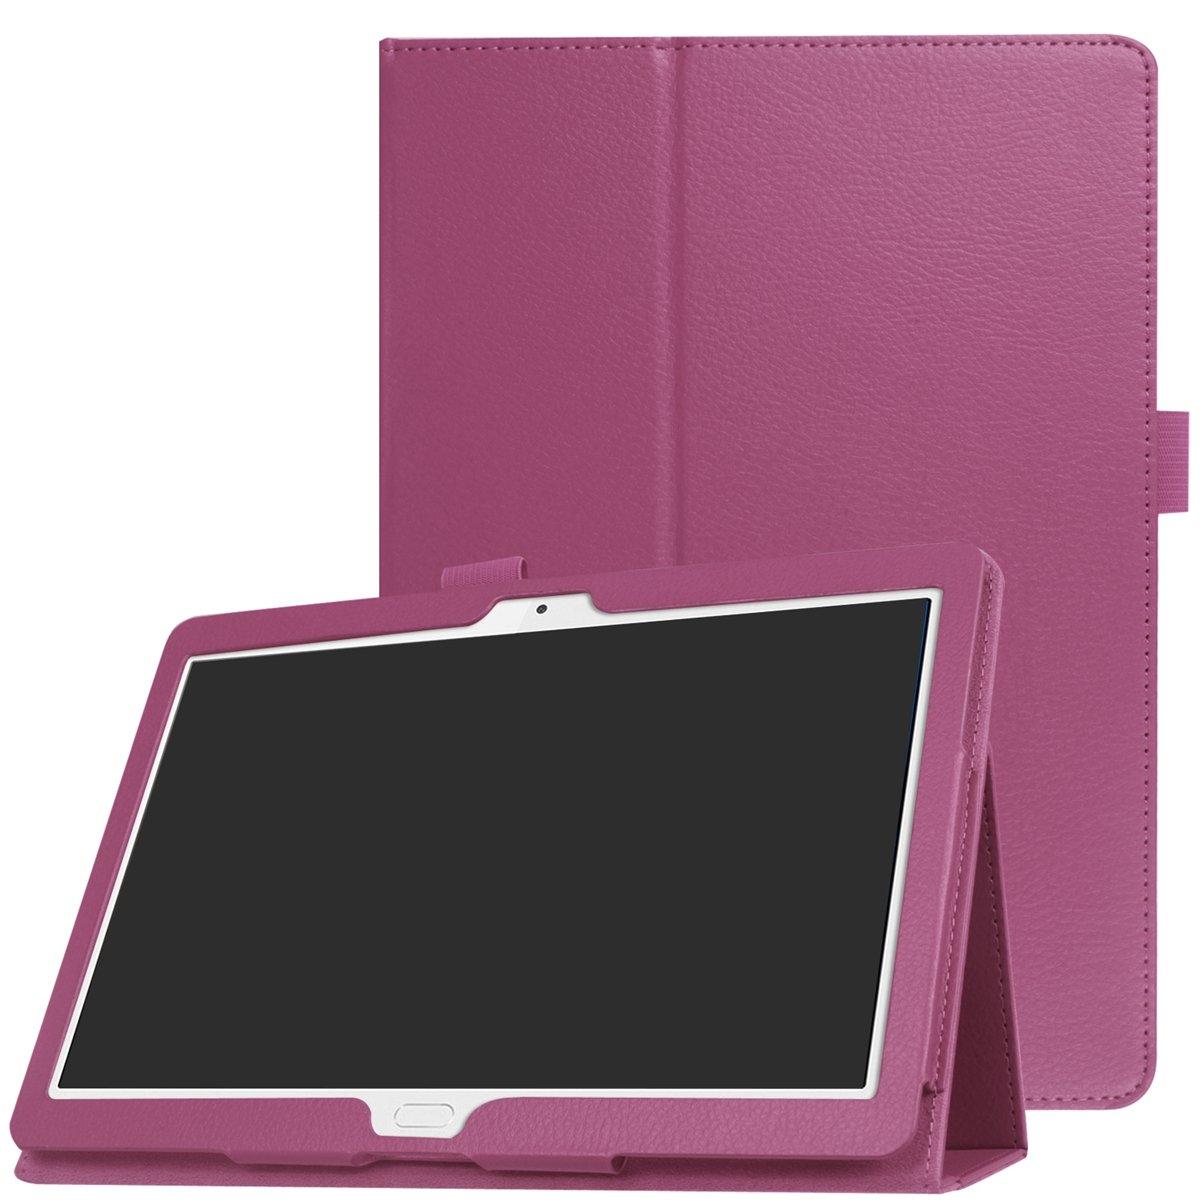 美品  Huawei パープル Mediapad M3 Lite Huawei 10.0インチ - 優れたポーチ財布スタイルフリップカバー, パープル, W19P-PJ-629 M3 パープル B07L93TL2C, THE MATERIAL WORLD:828b02fe --- a0267596.xsph.ru